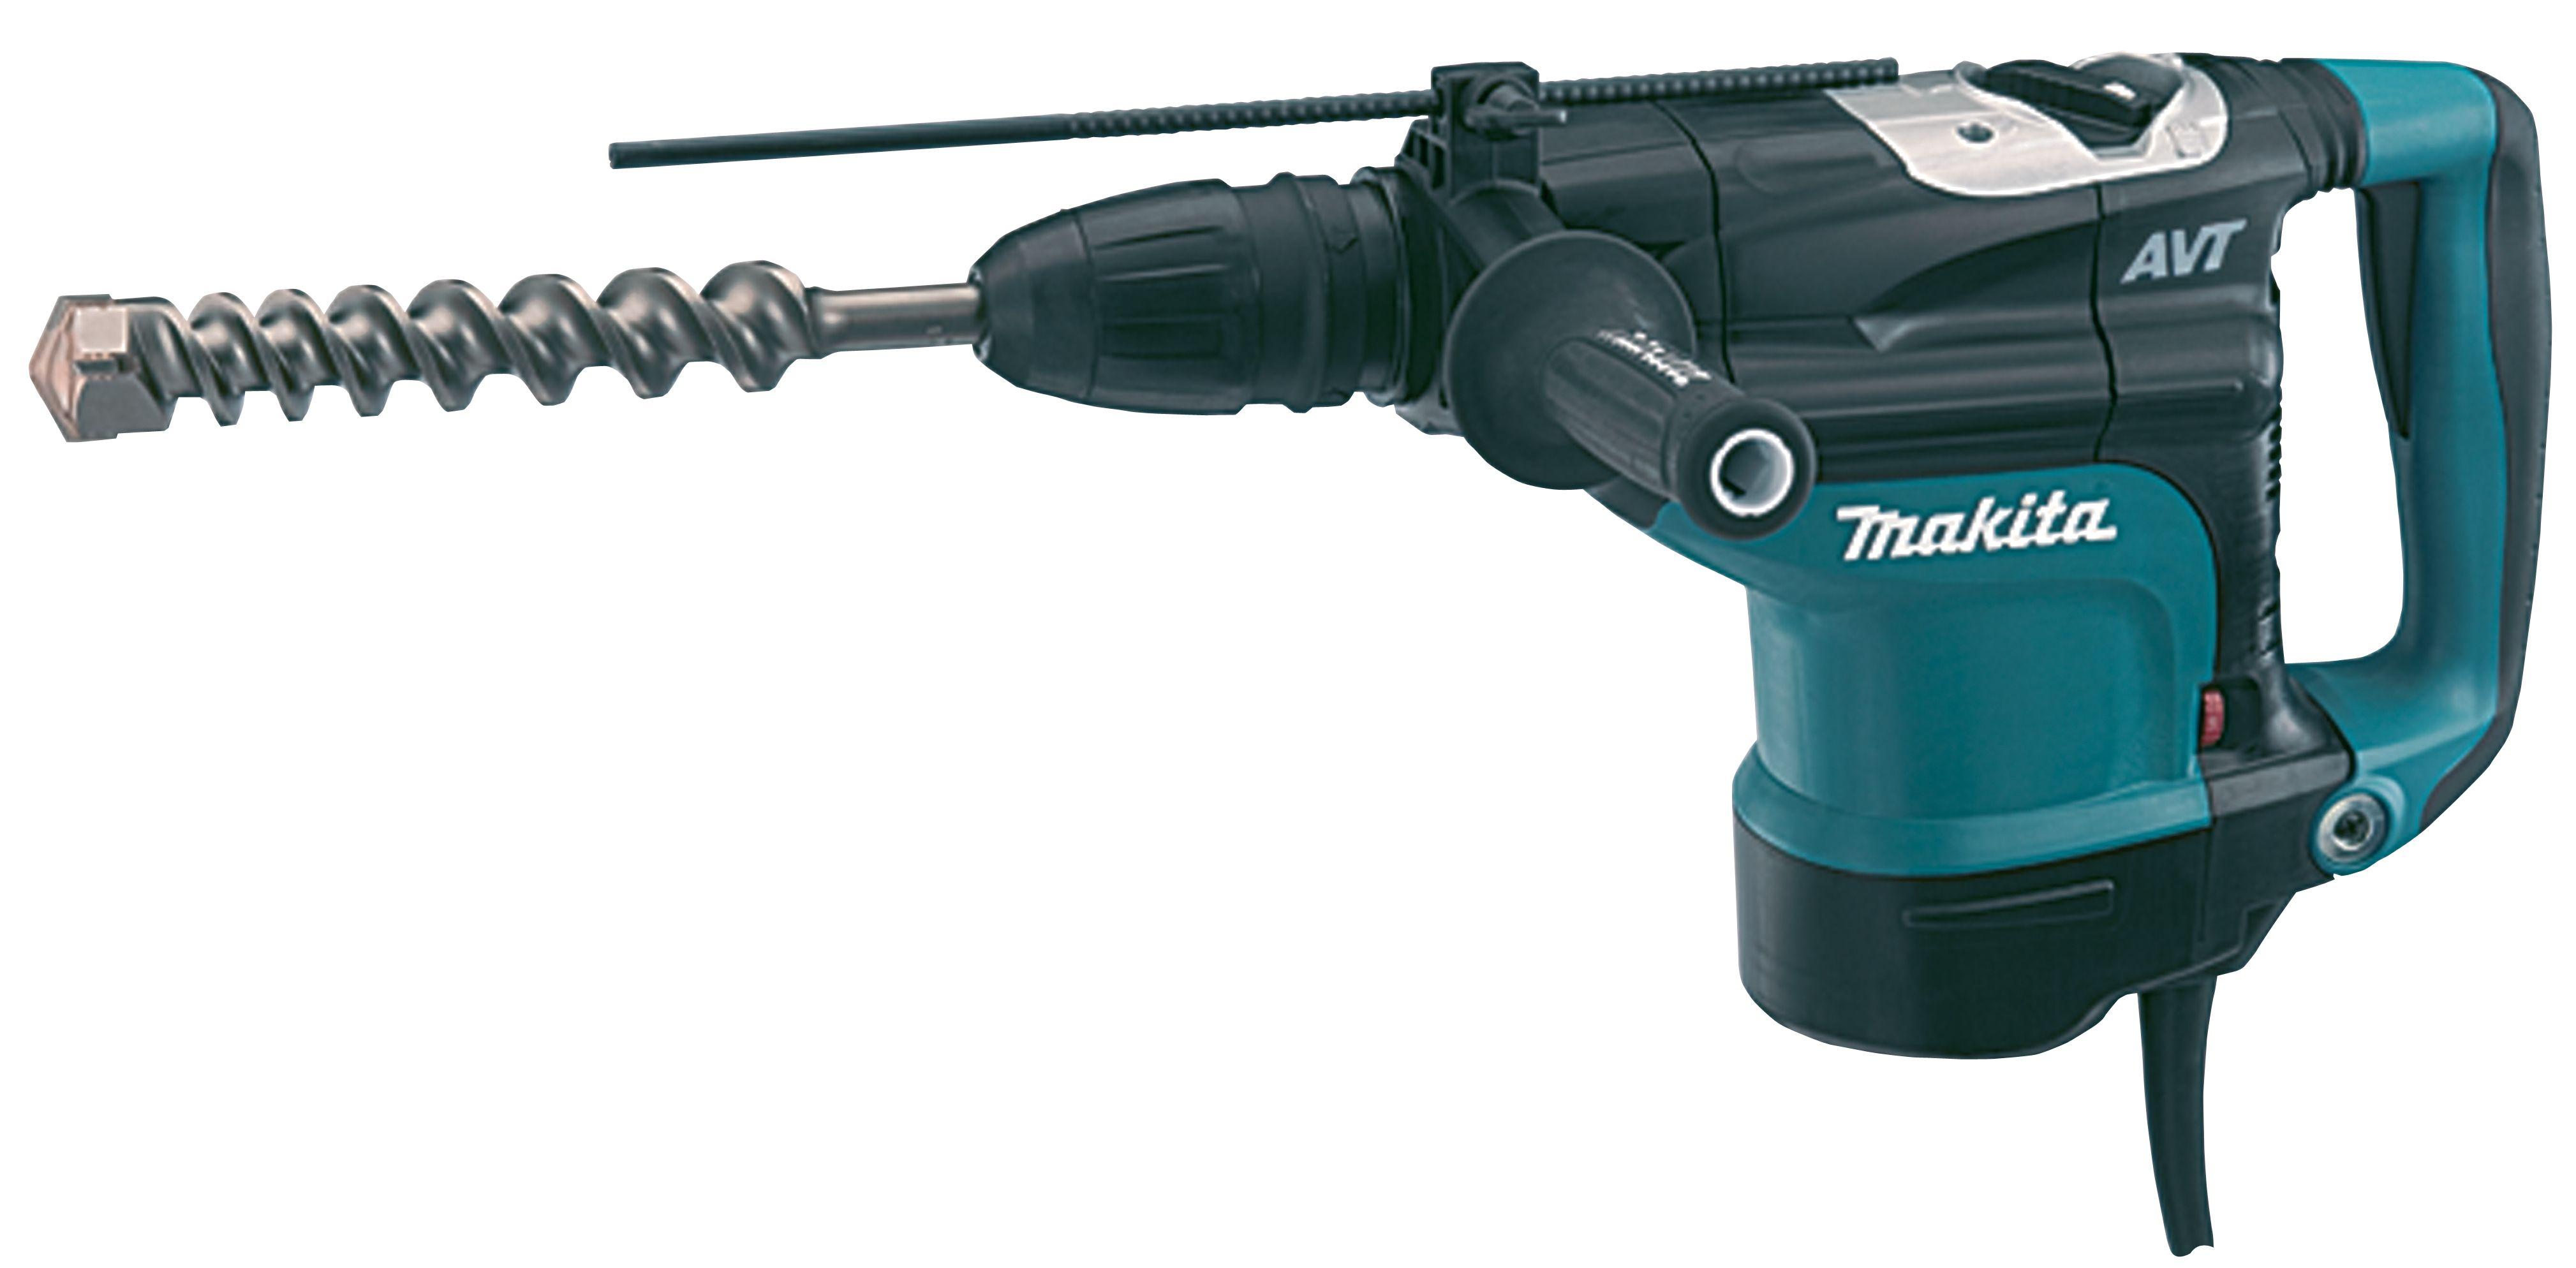 Makita HR4511C SDS Rotary Demolition Hammer 110v